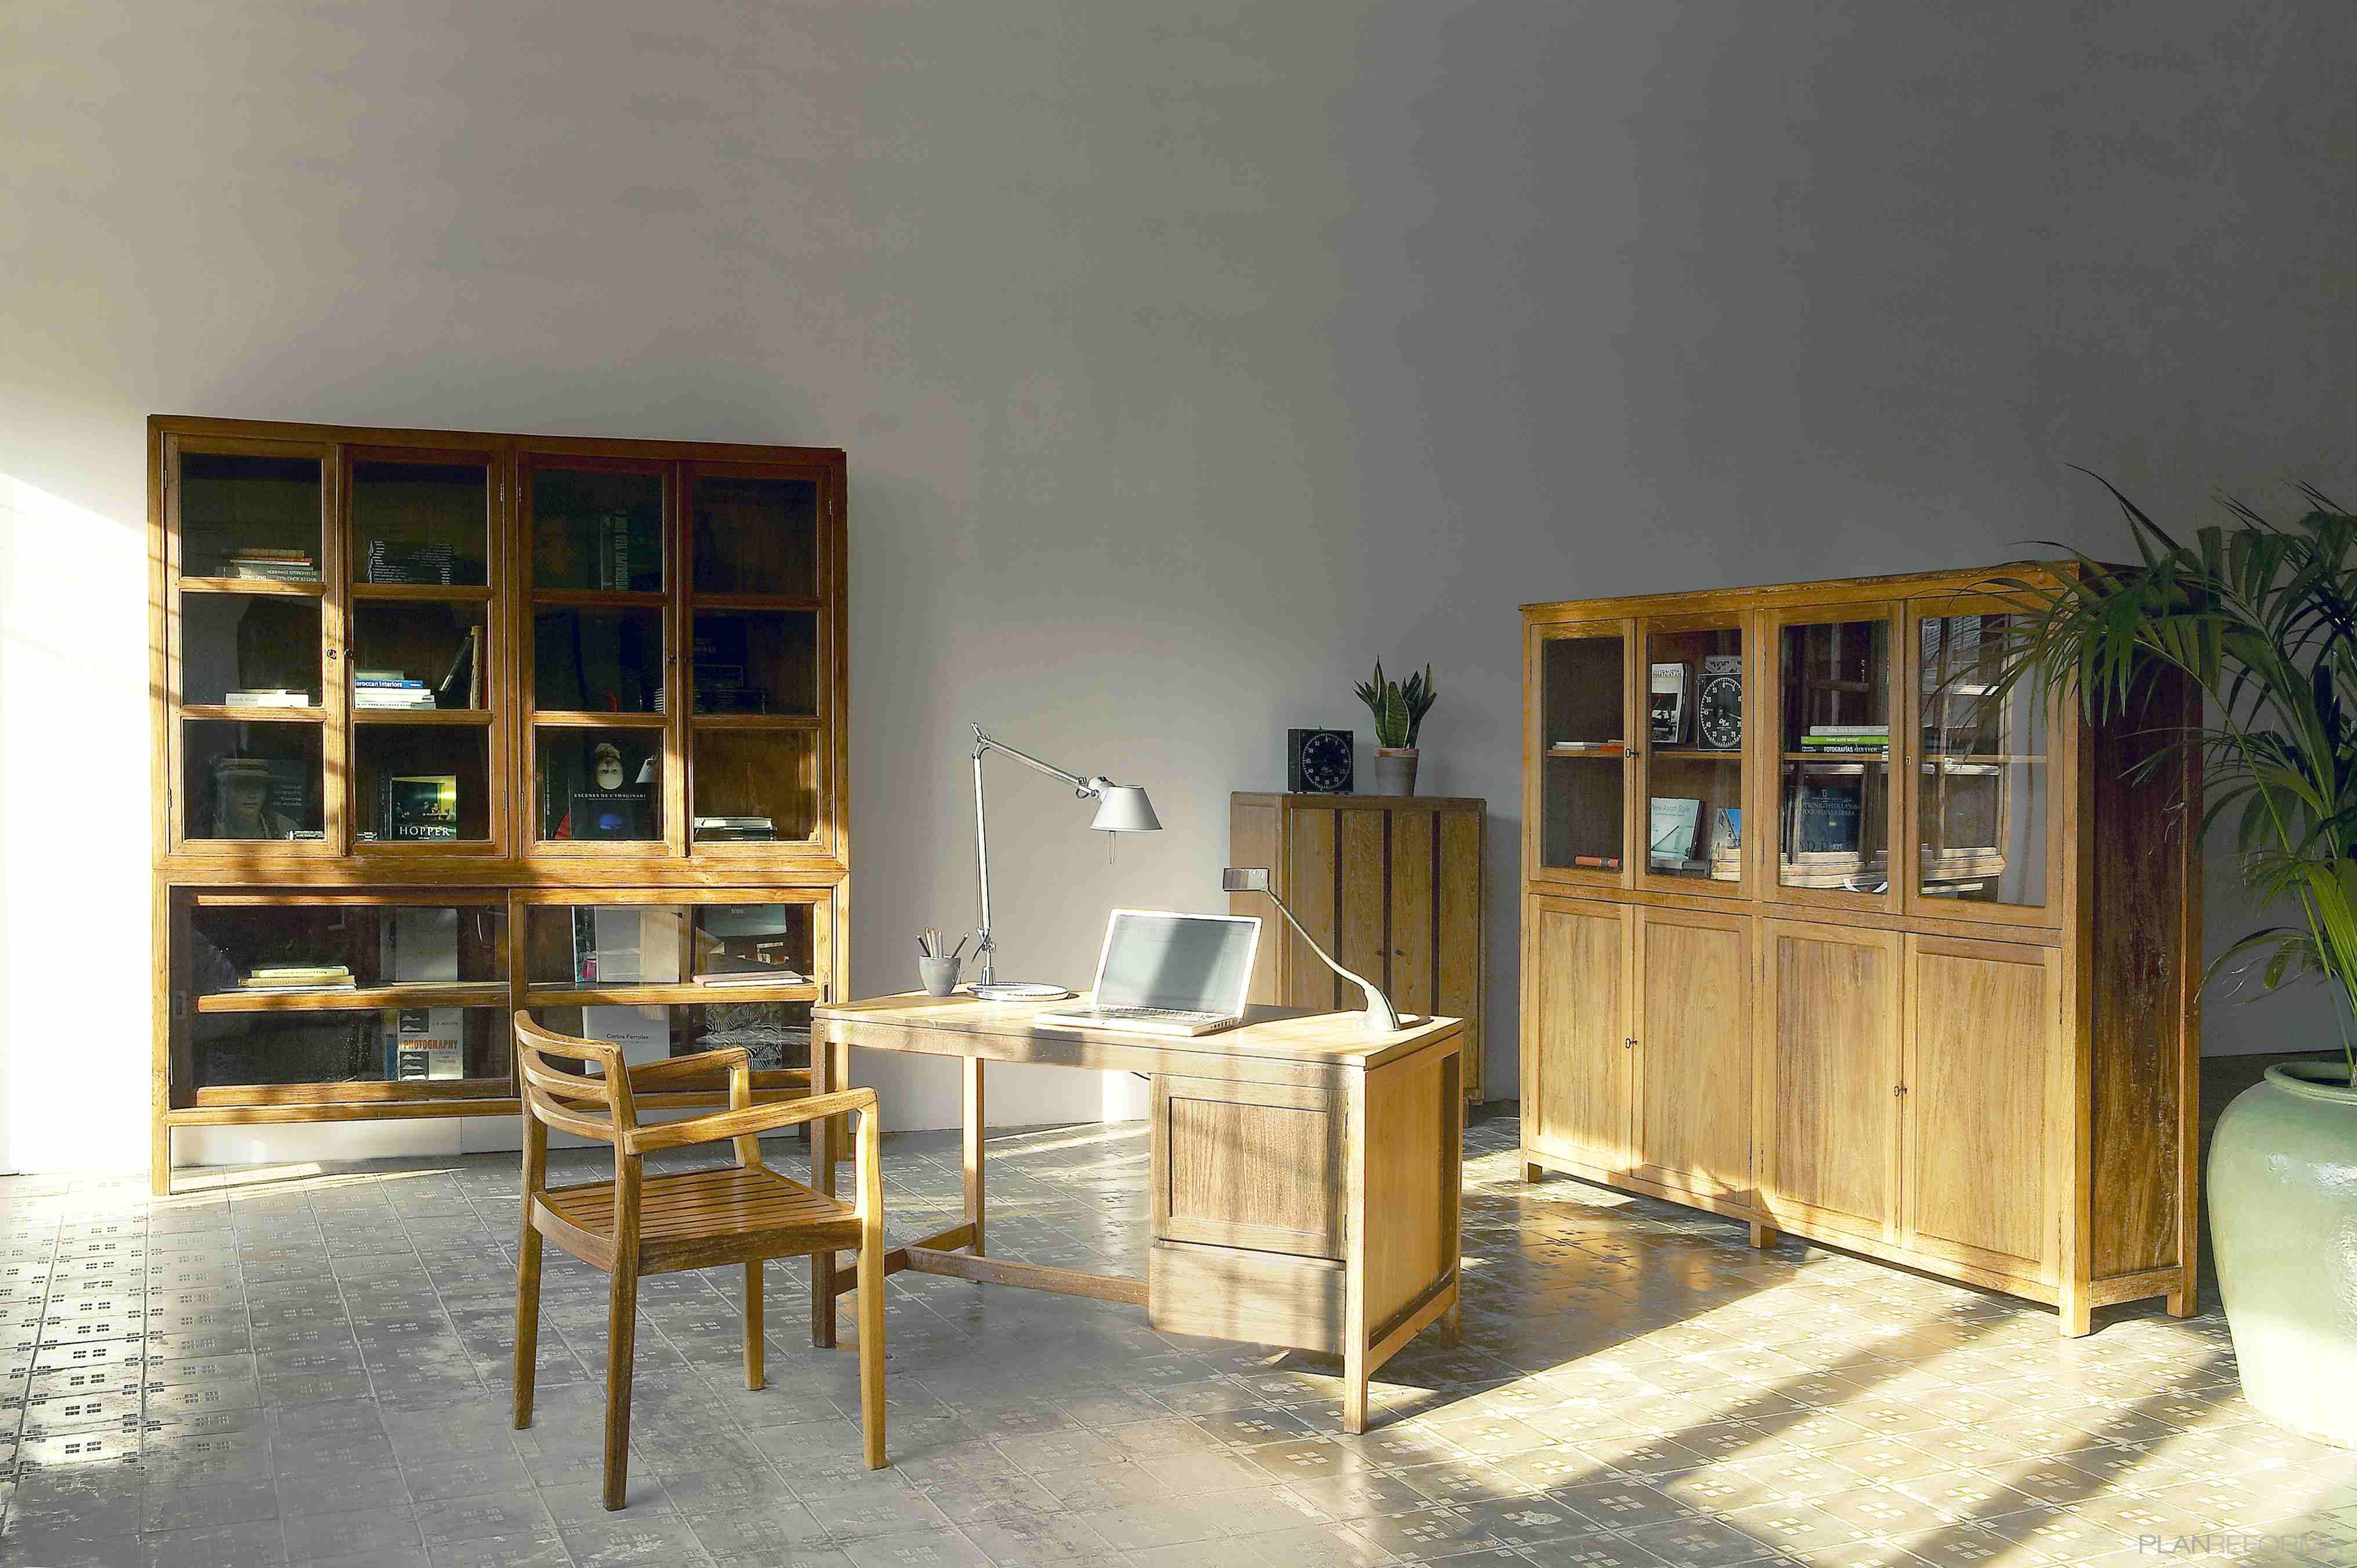 El mercader de venecia muebles mercader de venecia mobiliario tnico deslumbrante - El mercader de venecia muebles outlet ...